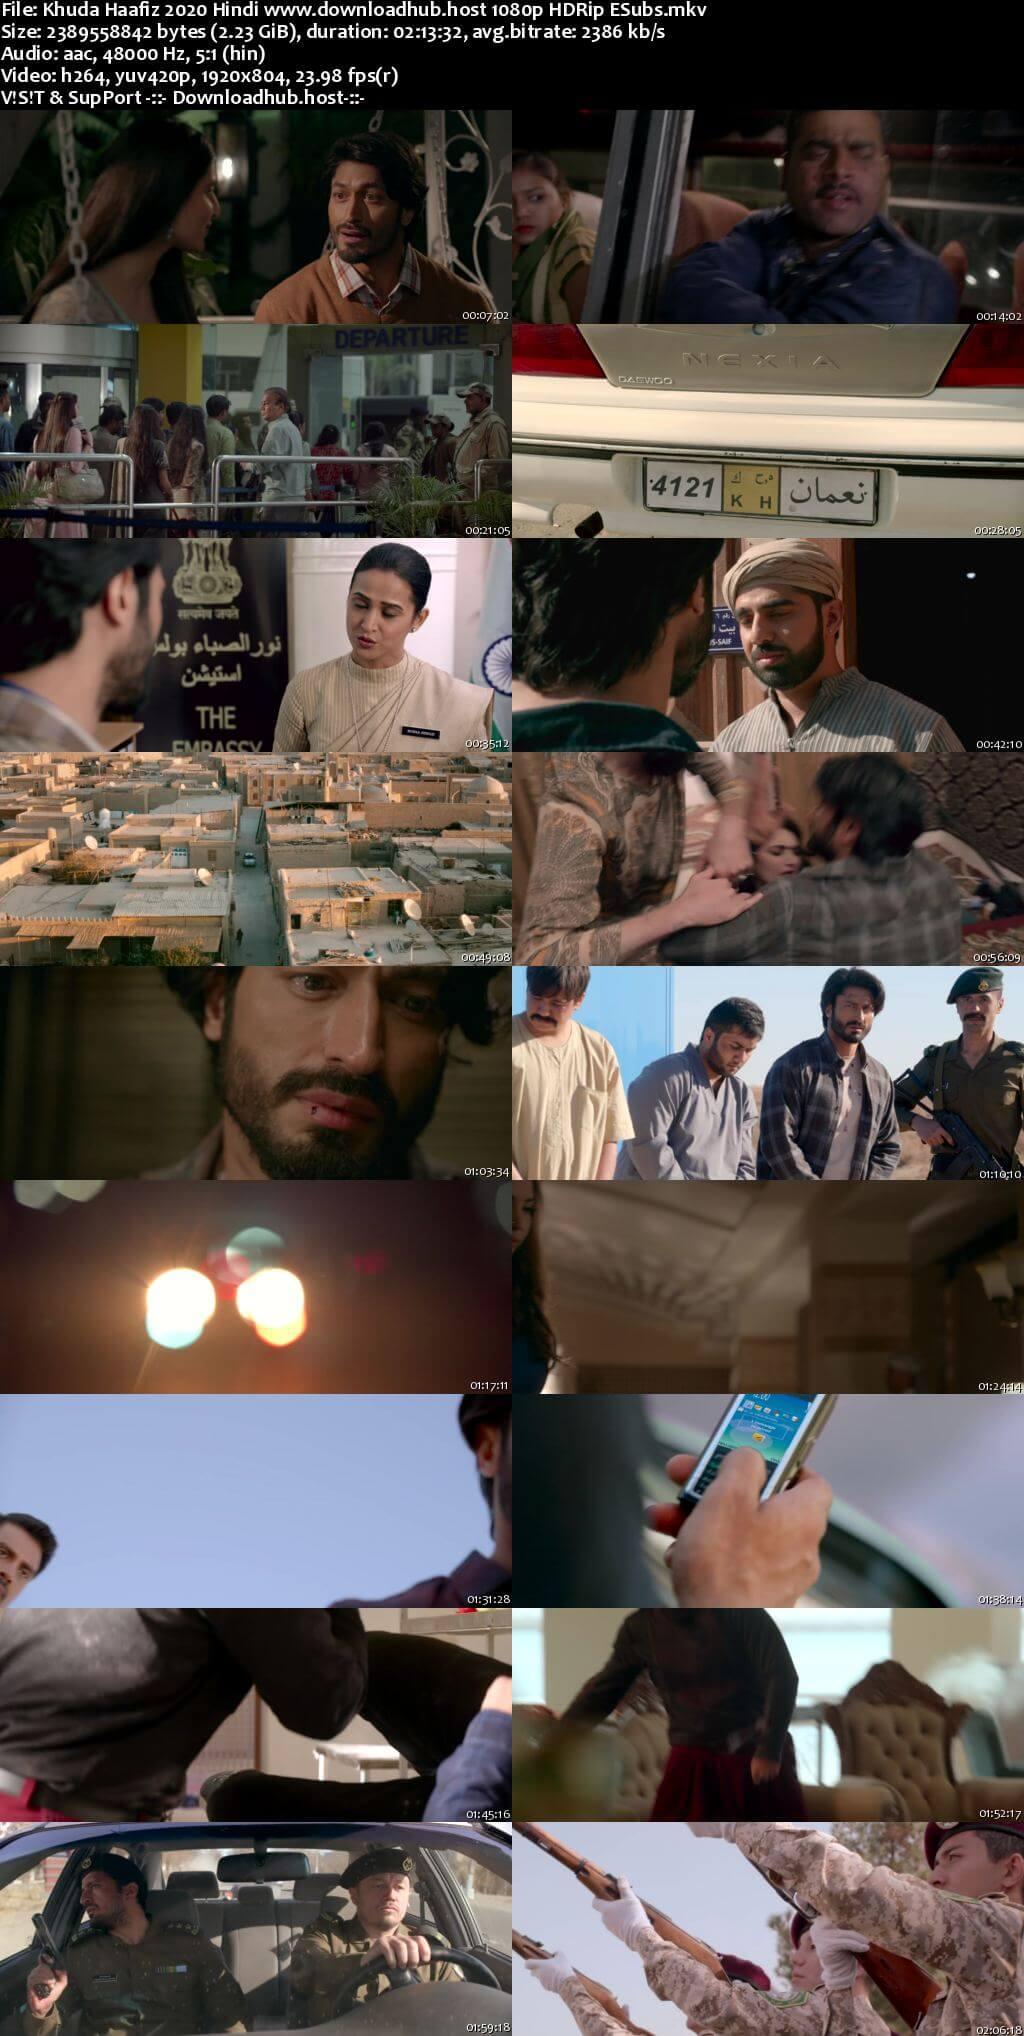 Khuda Haafiz 2020 Hindi 1080p HDRip ESubs